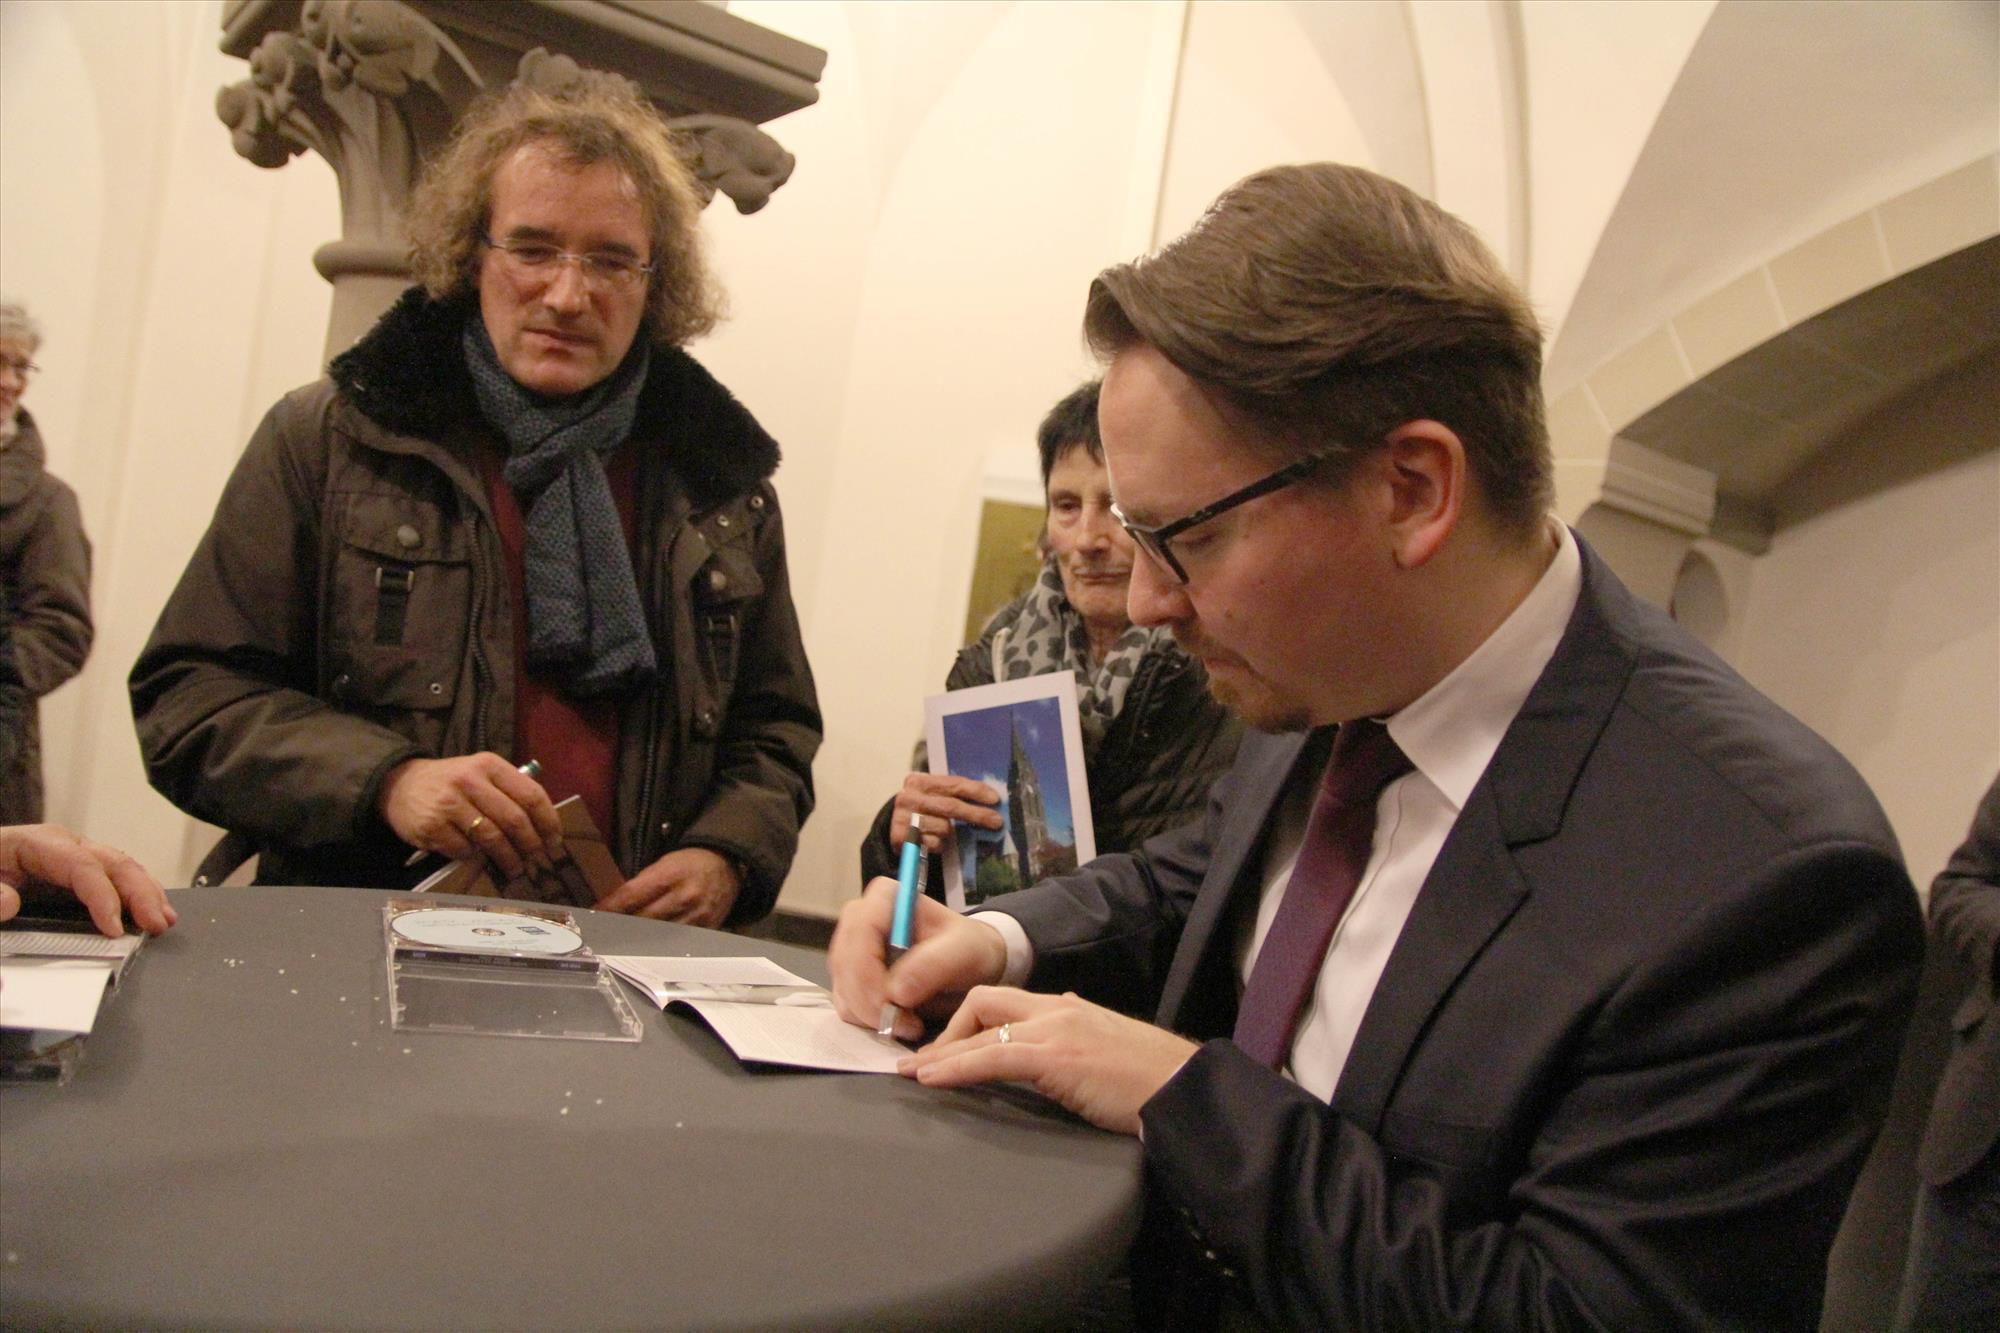 Nach dem Konzert signierte Felix Hell gerne für die Anhänger sein Album. (Foto: Björn Othlinghaus)